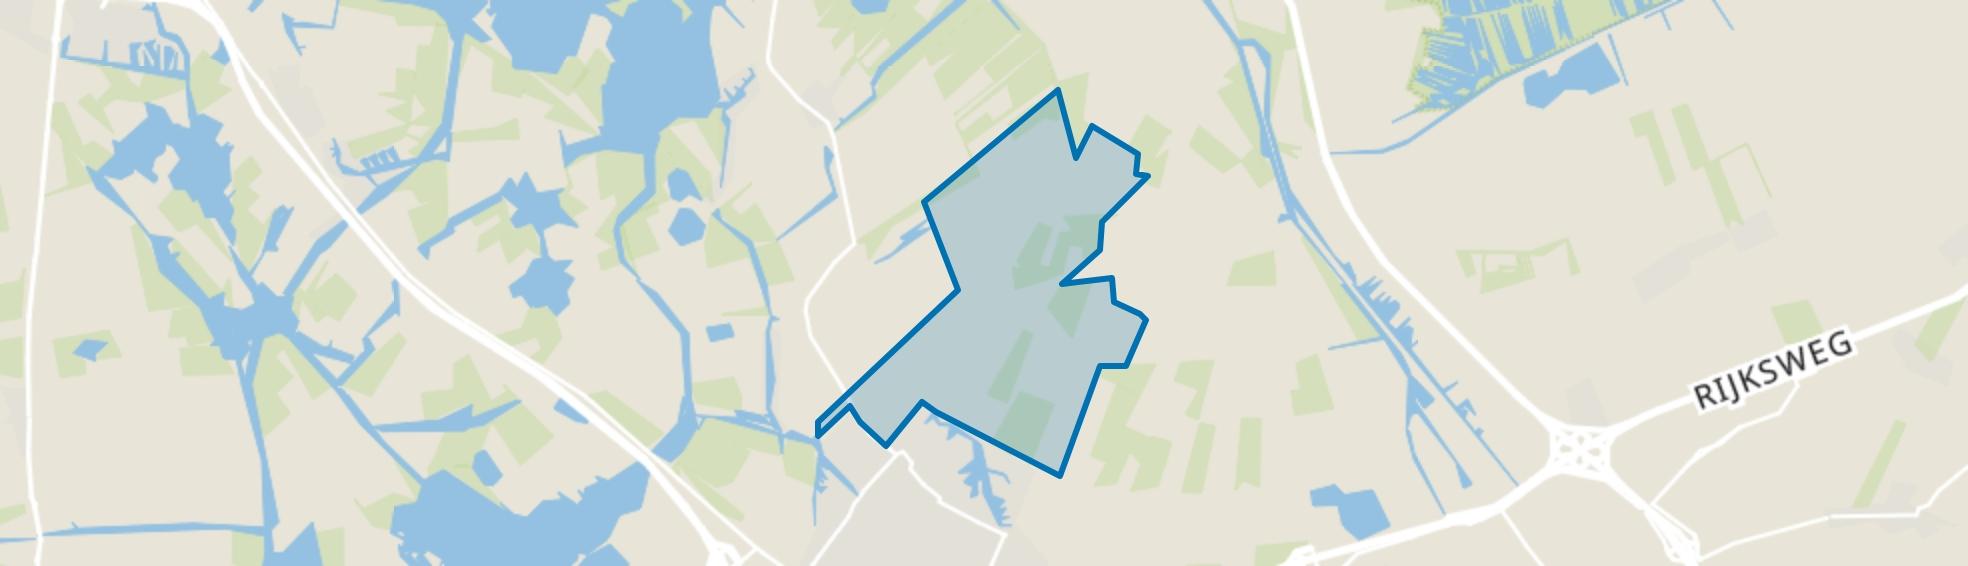 Joure, Buitengebied, Joure map